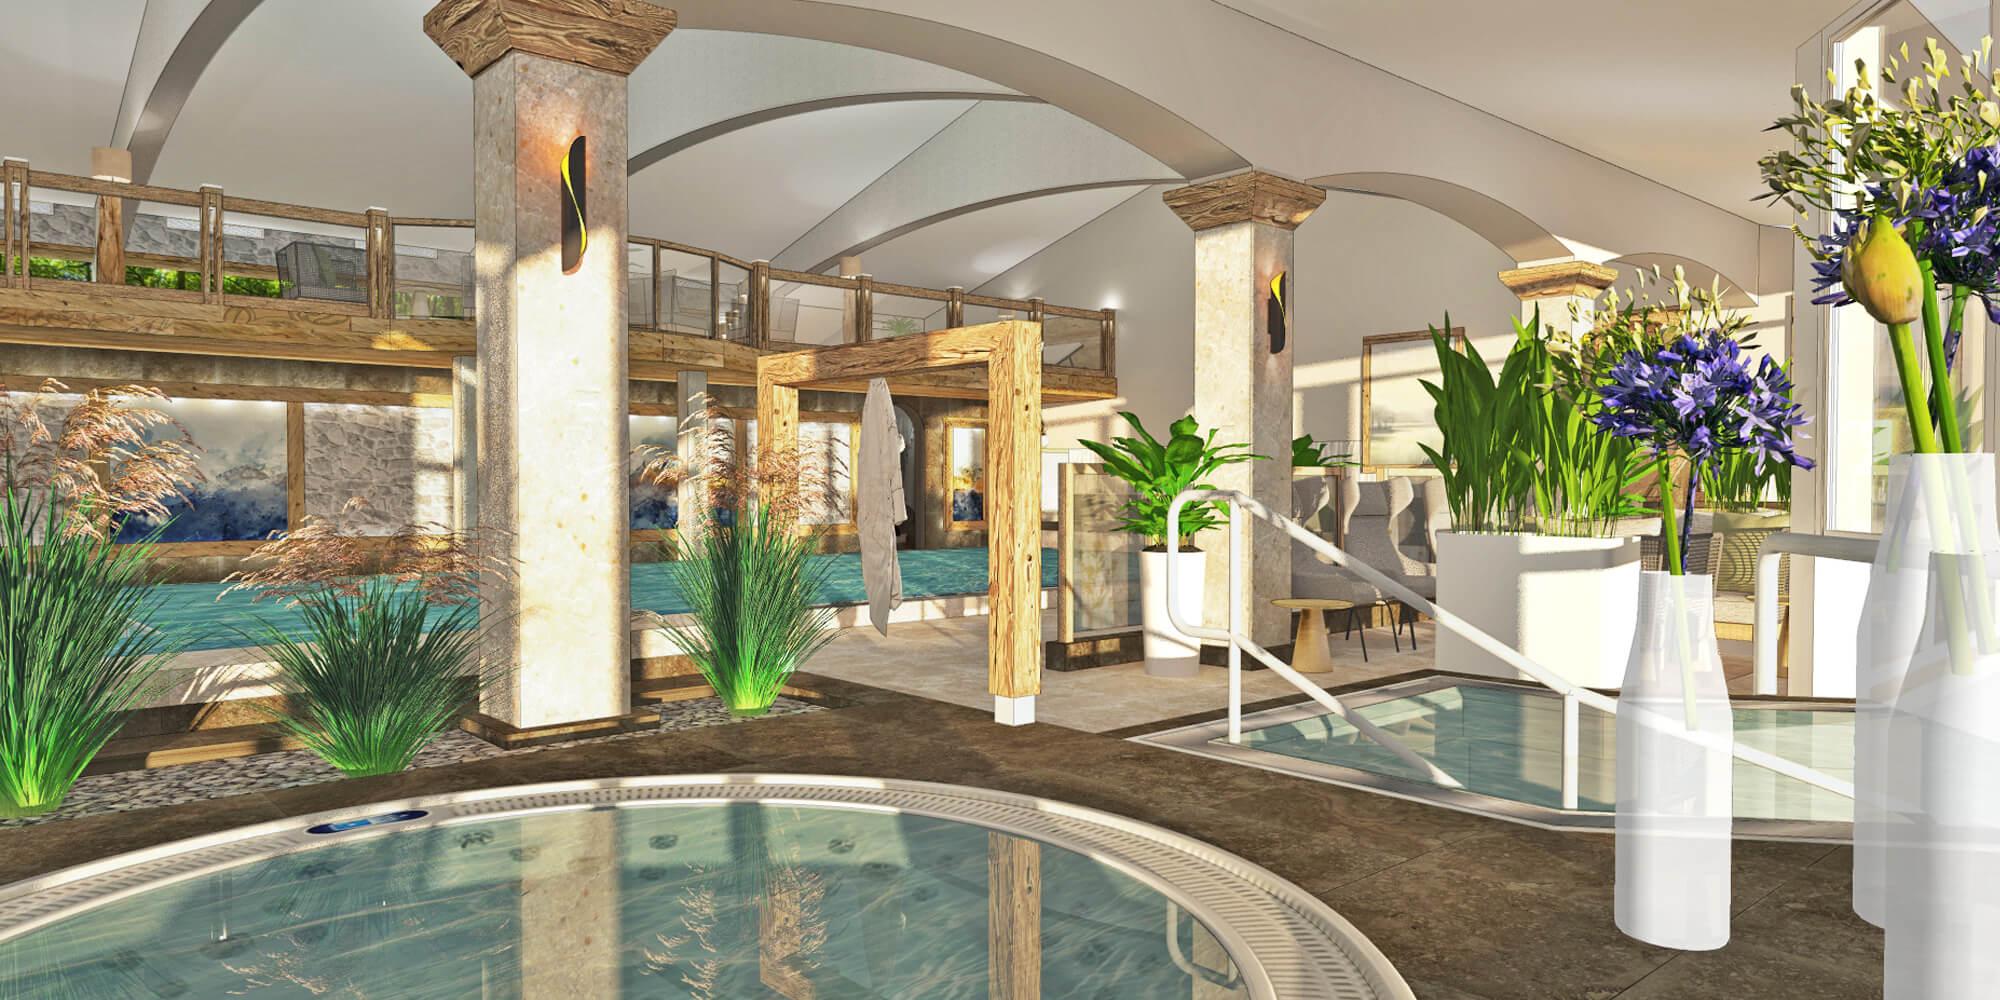 Crea-Plan-Design-Rauch-Frühmann-Architektur-Innenarchitektur-Design-Projekt-Referenz-Hotelerie-Gastronomie-Hotel-Bergknappenhof-Hallenbad-2